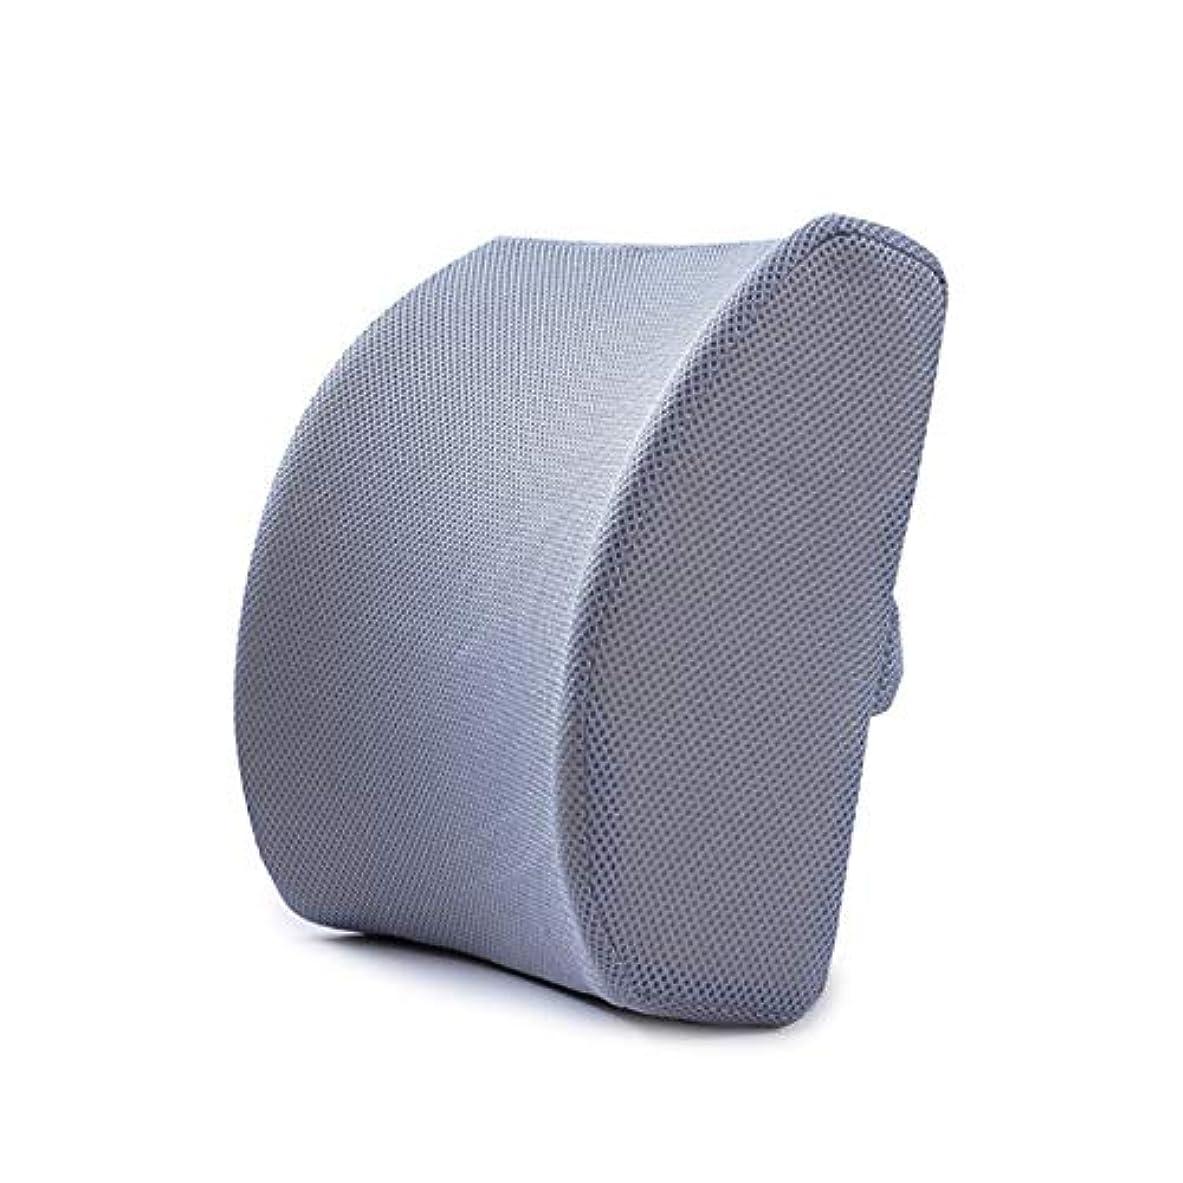 等しいスカイ敬礼LIFE ホームオフィス背もたれ椅子腰椎クッションカーシートネック枕 3D 低反発サポートバックマッサージウエストレスリビング枕 クッション 椅子